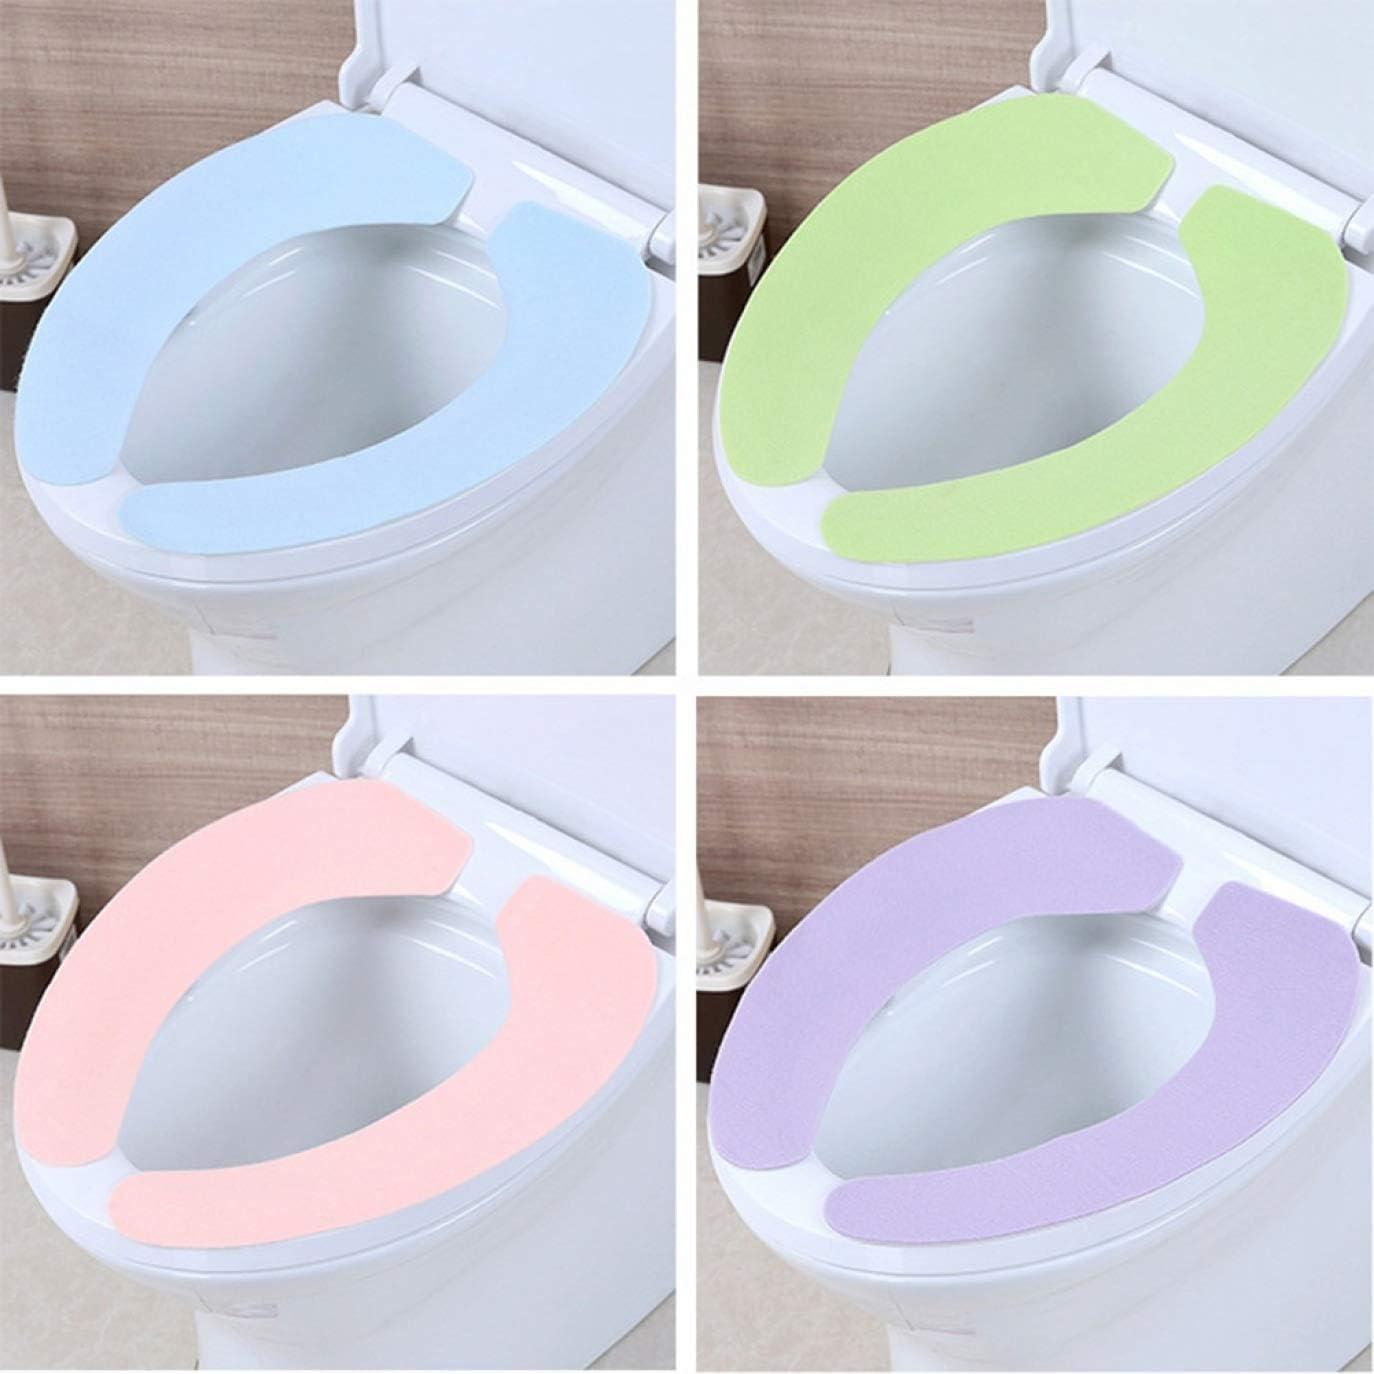 BL-S Werkzeug waschbar Matte Bezug Amelia Isaiah 1 Paar Badezimmer-Toilettensitz Stoff weiche W/ärme S